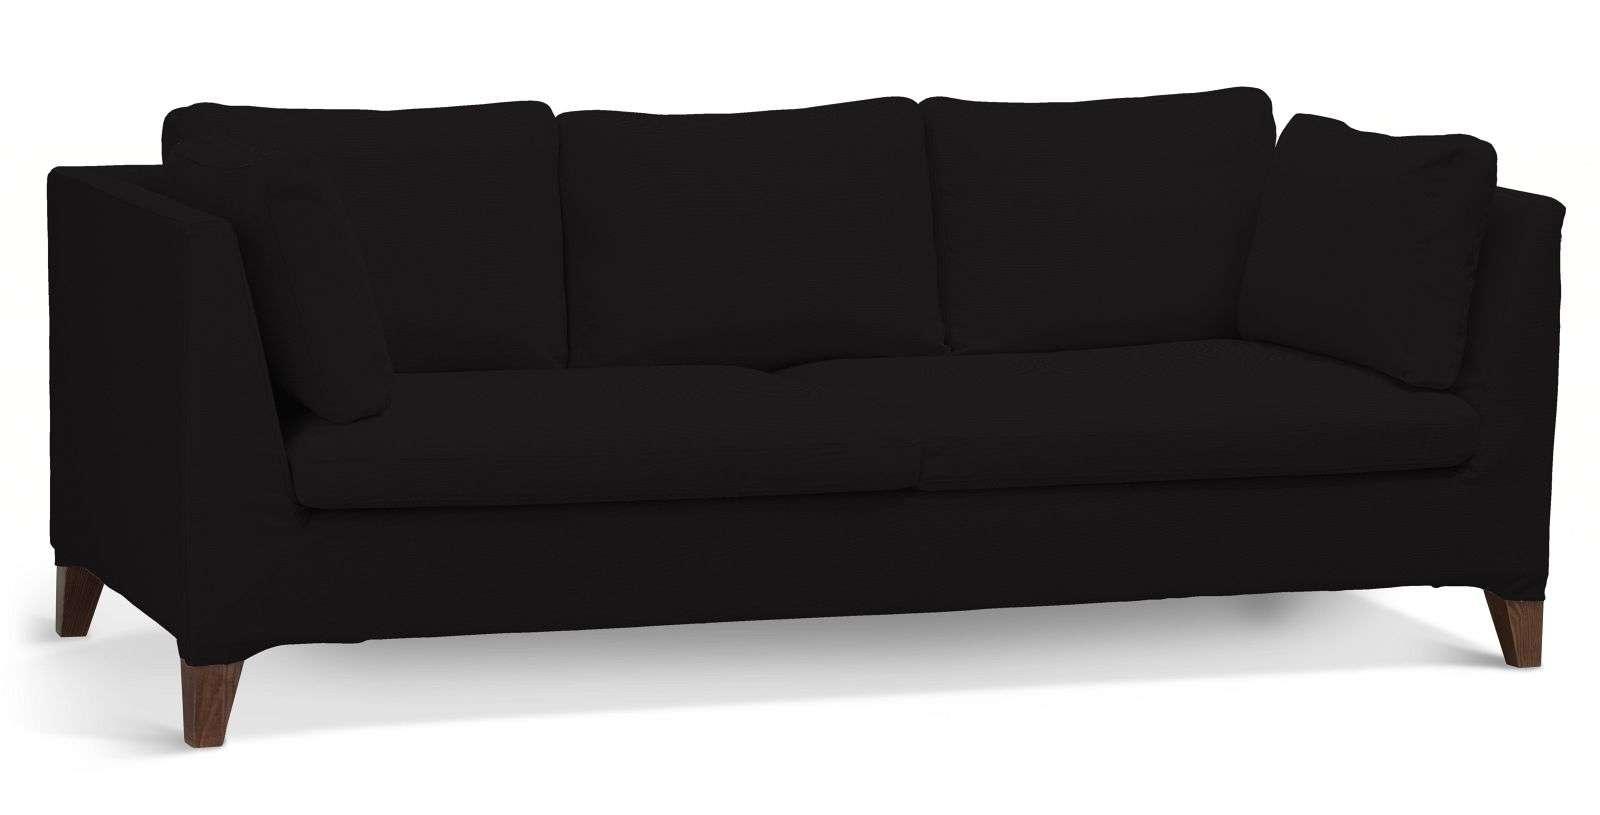 Pokrowiec na sofę Stockholm 3-osobową sofa Stockholm 3-osobowa w kolekcji Cotton Panama, tkanina: 702-09